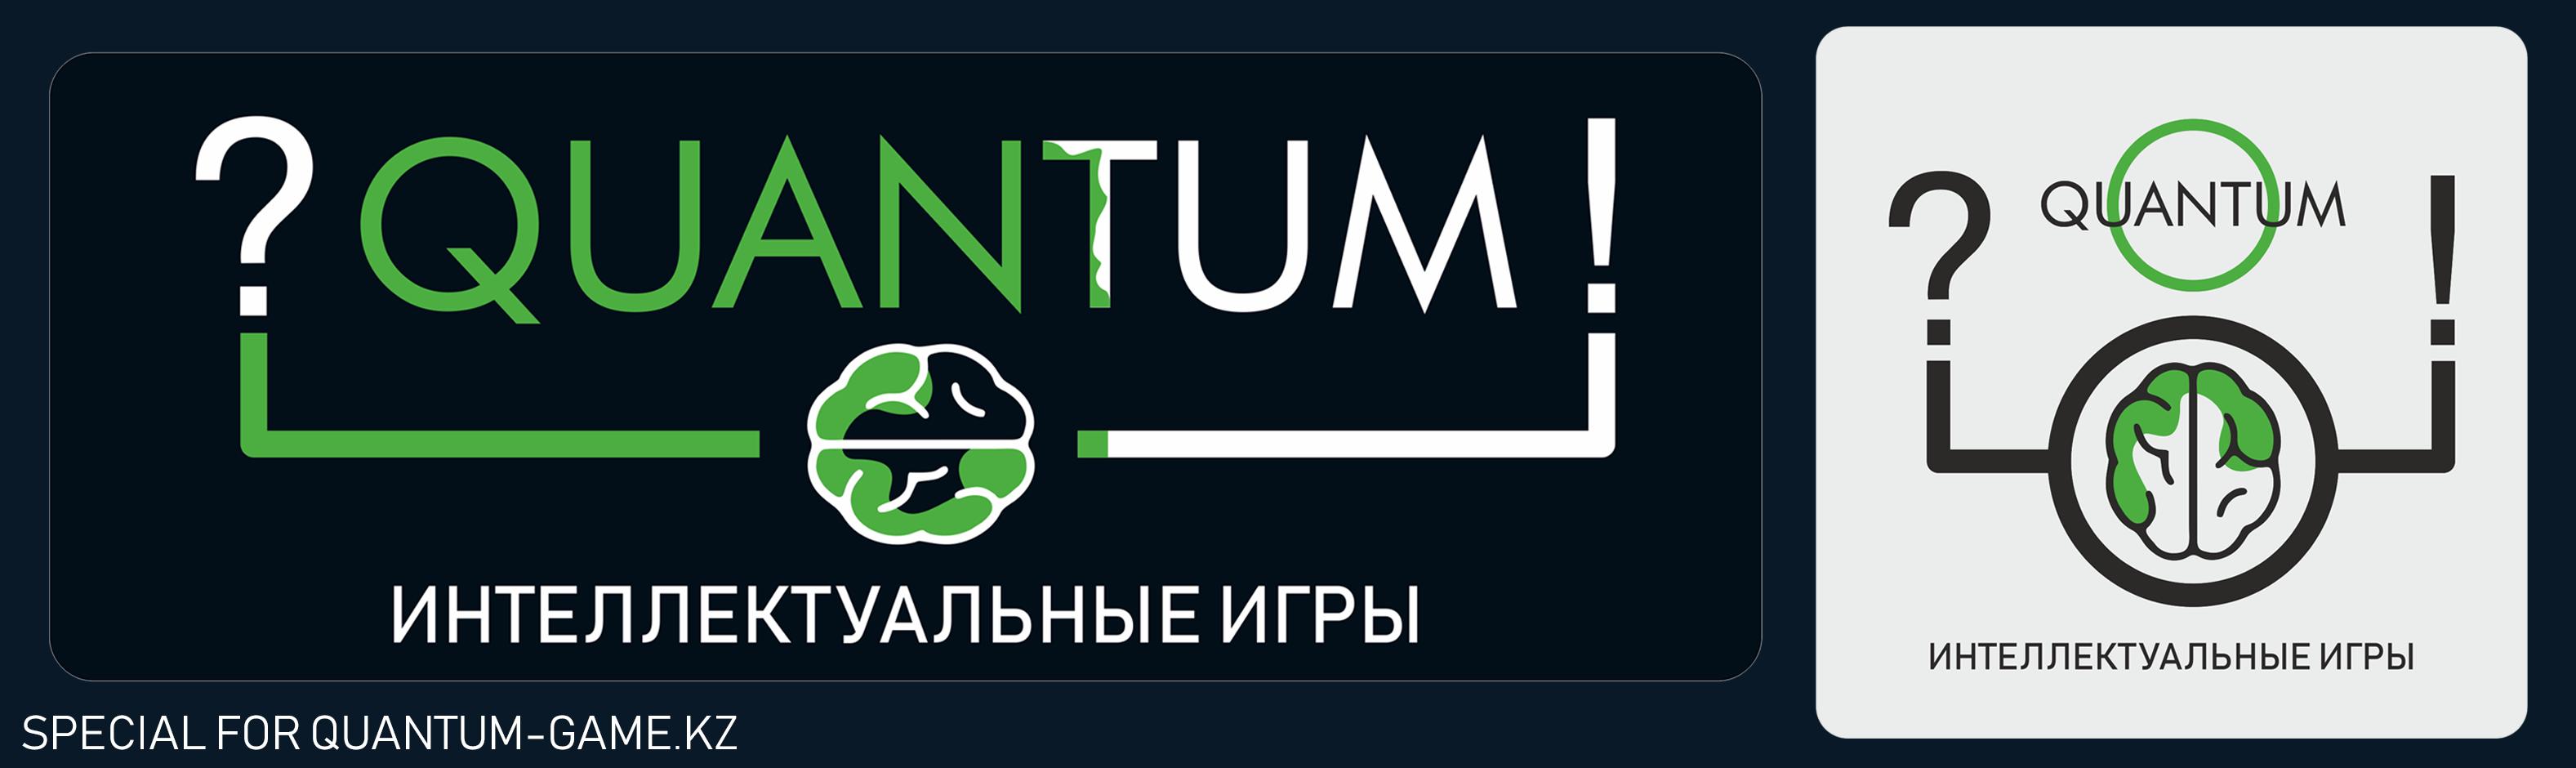 Редизайн логотипа бренда интеллектуальной игры фото f_6475bc28fe6cb75d.png